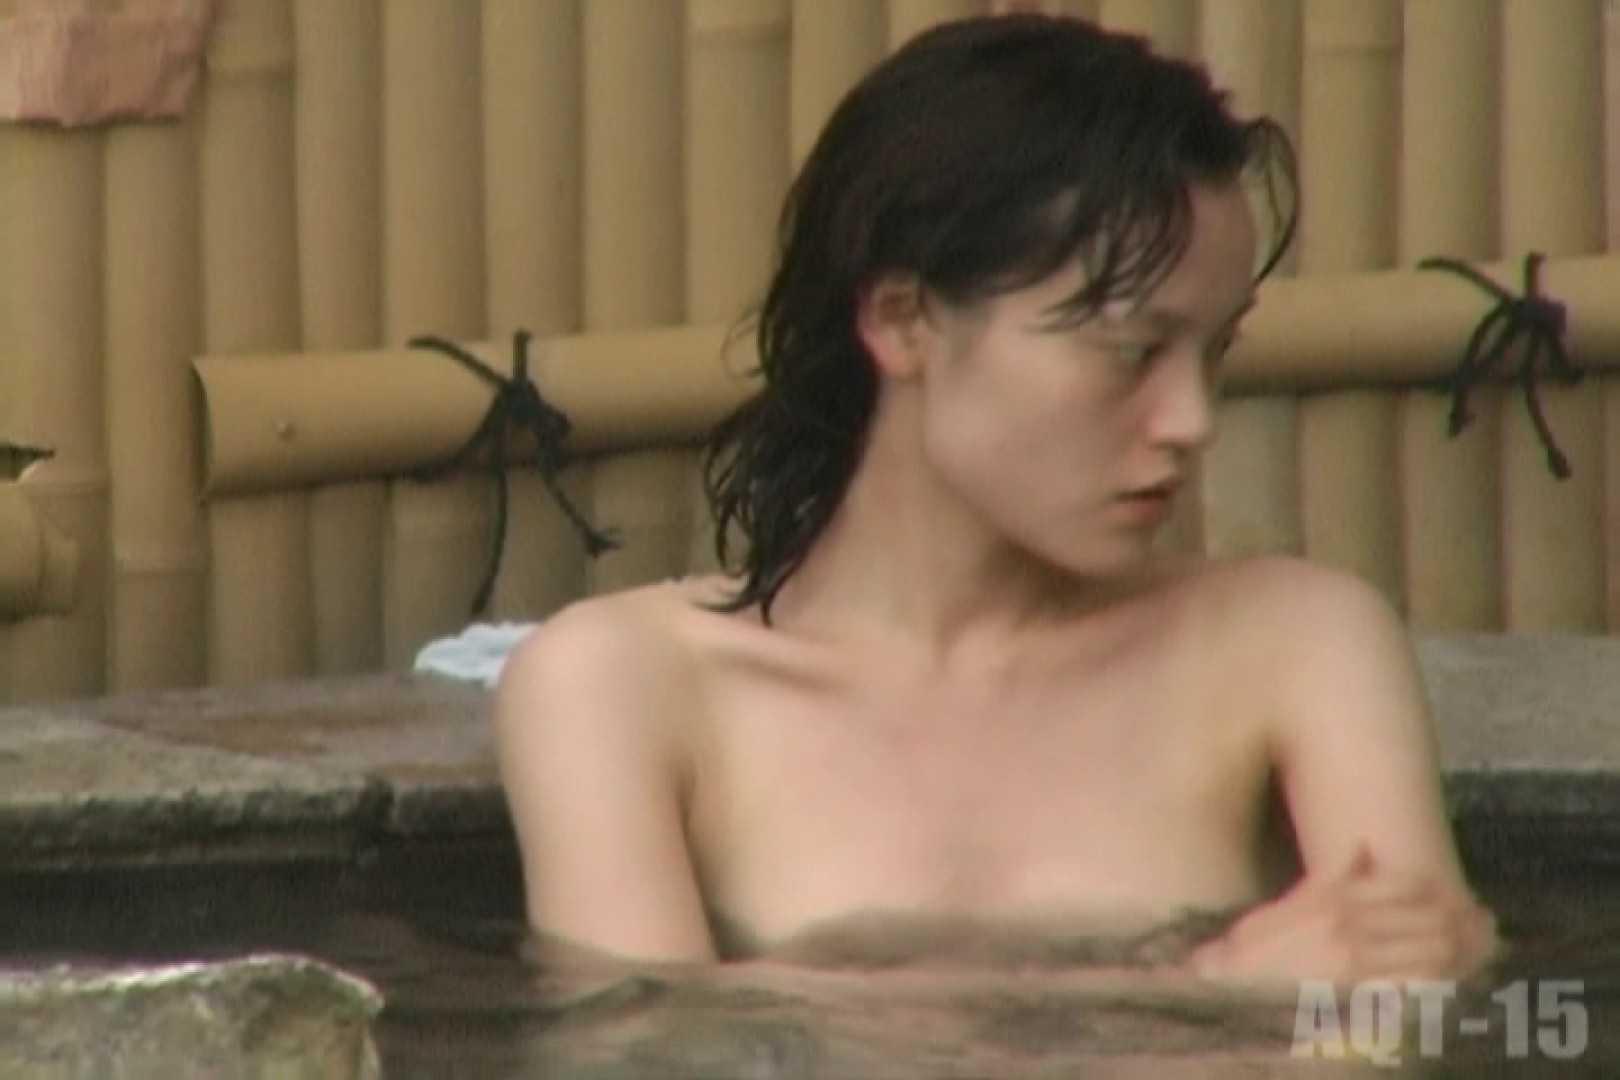 Aquaな露天風呂Vol.836 露天風呂 | 盗撮  101連発 94